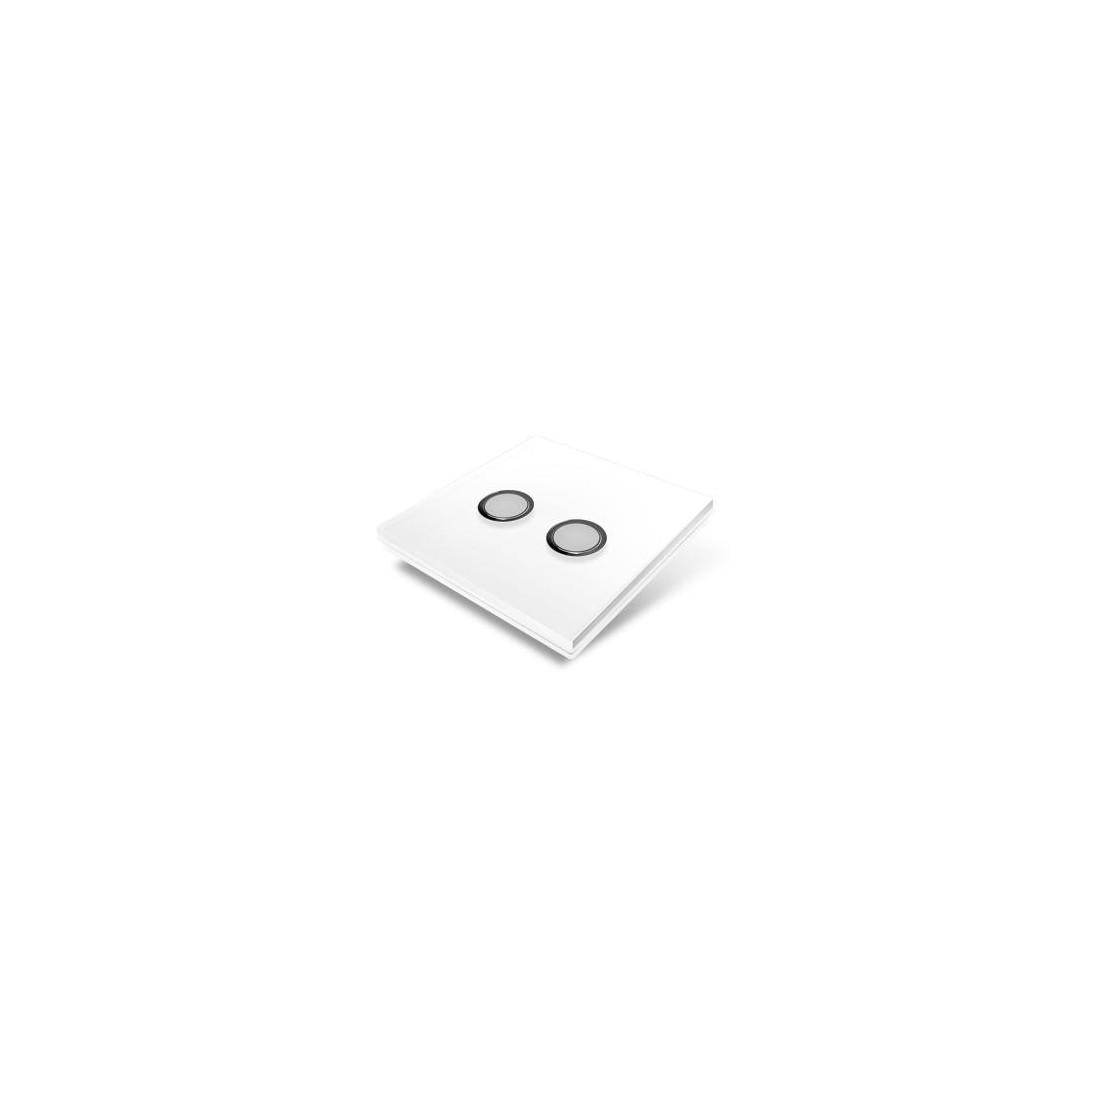 Afdekplaat voor Edisio-schakelaar - kunststof, wit